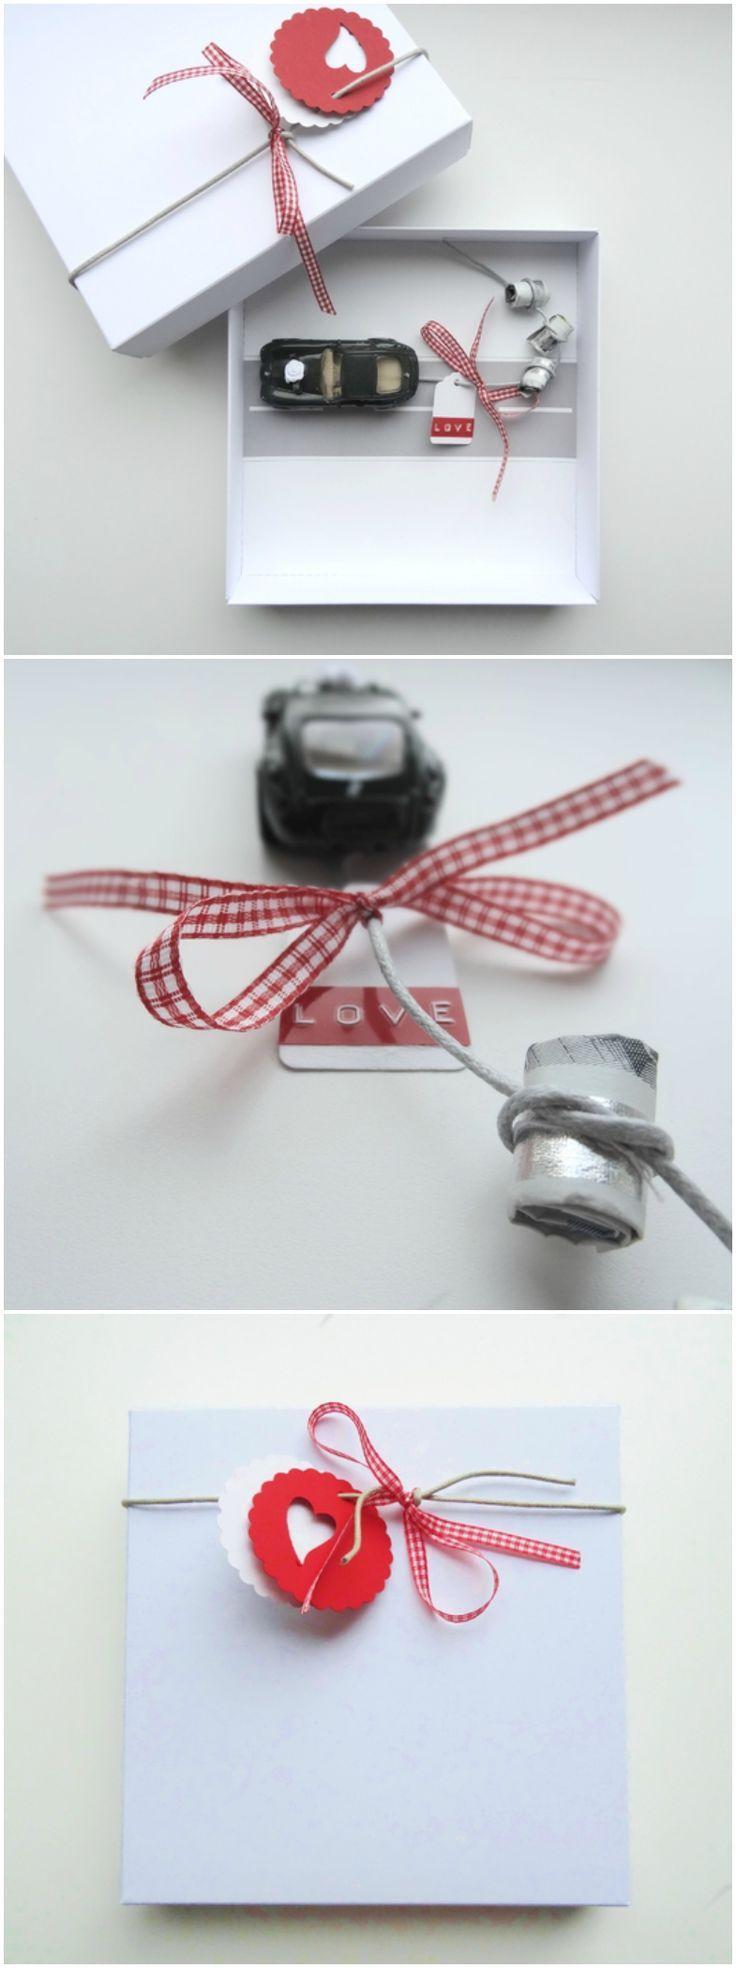 Geldgeschenk Hochzeit: schöne Verpackung für Geldgeschenke. Eine nette Art, de